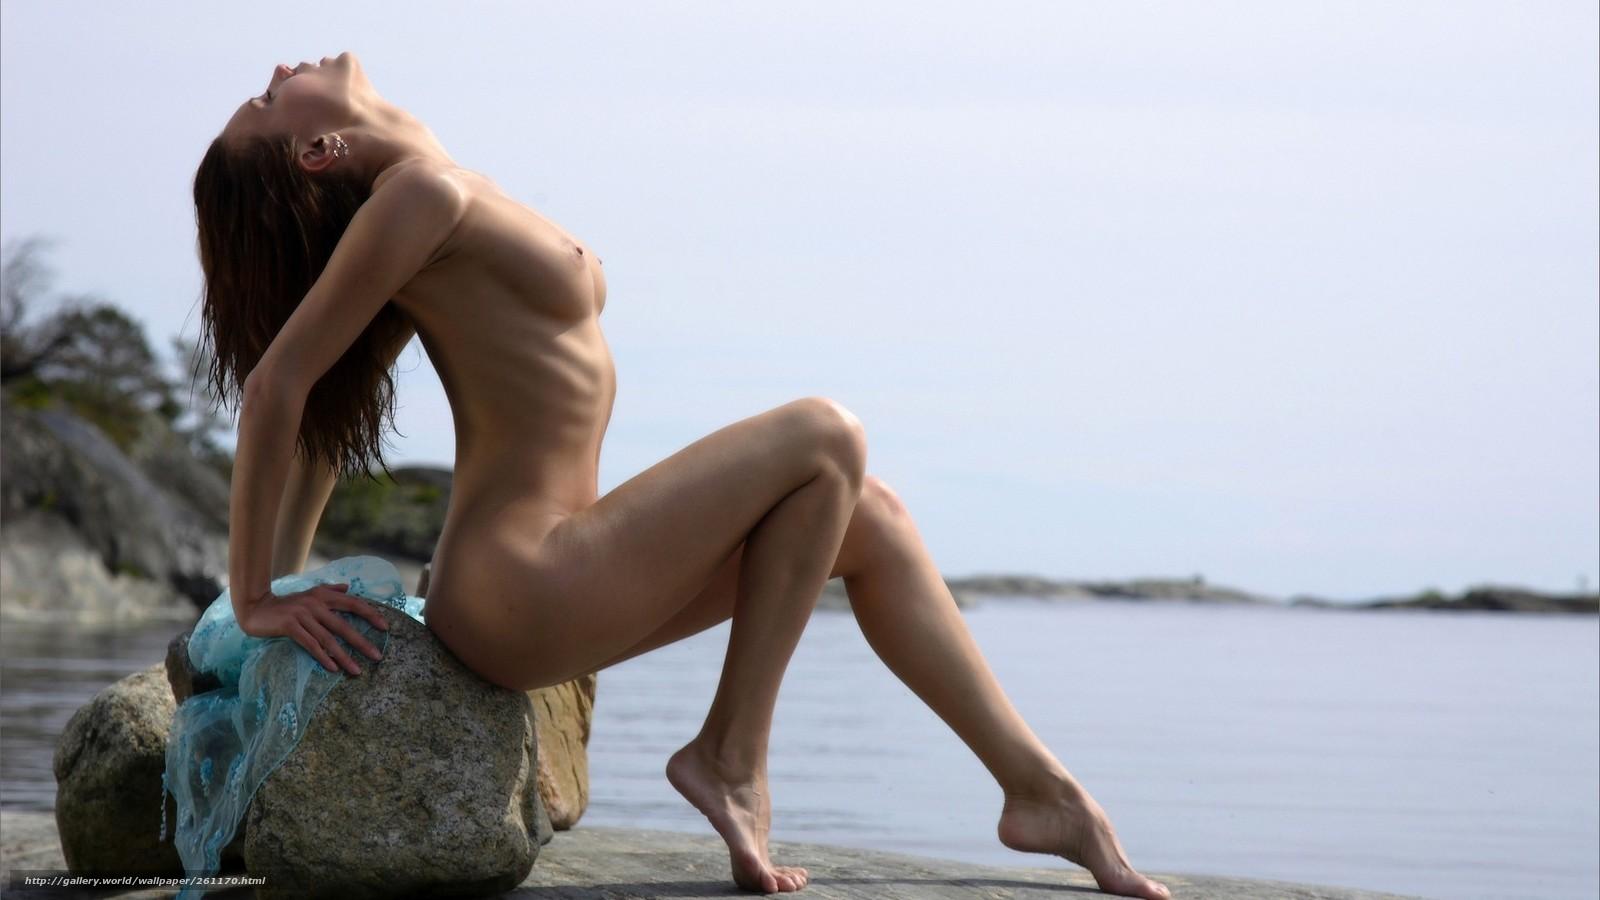 Фото эро женщин с симпотичными мордашками фото 189-408